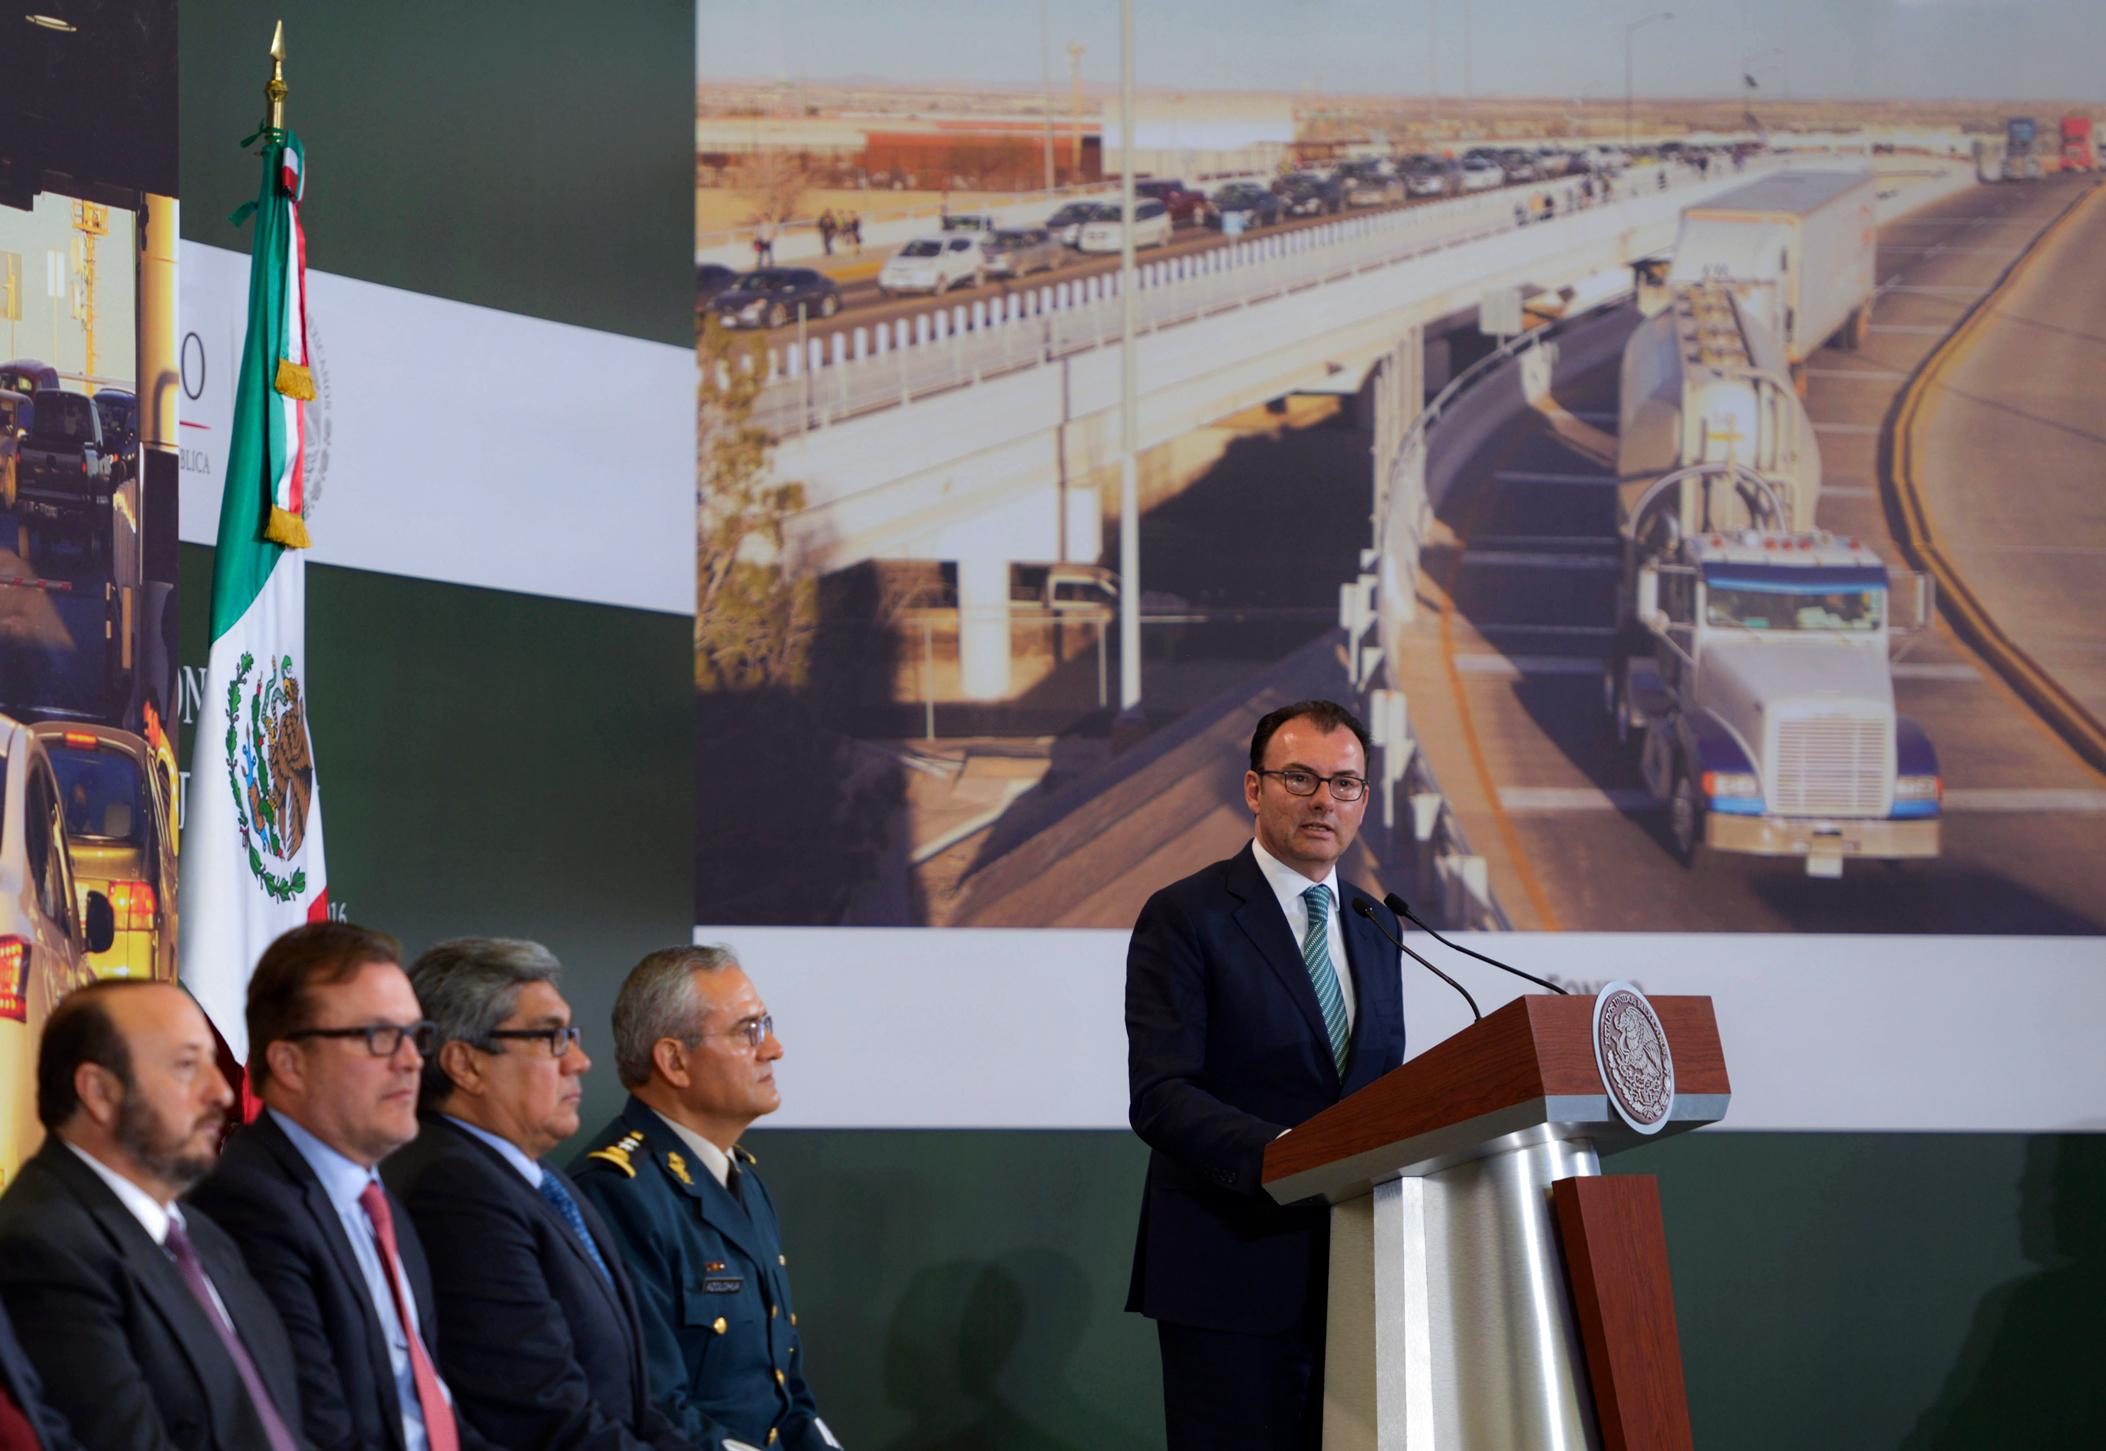 Los recursos de los peajes, en lugar de destinarse fundamentalmente al Gobierno Federal, se destinaran aquí, a obras, a proyectos, que detonaran desarrollo aquí mismo, en Ciudad Juárez, explicó el doctor Luis Videgaray Caso.